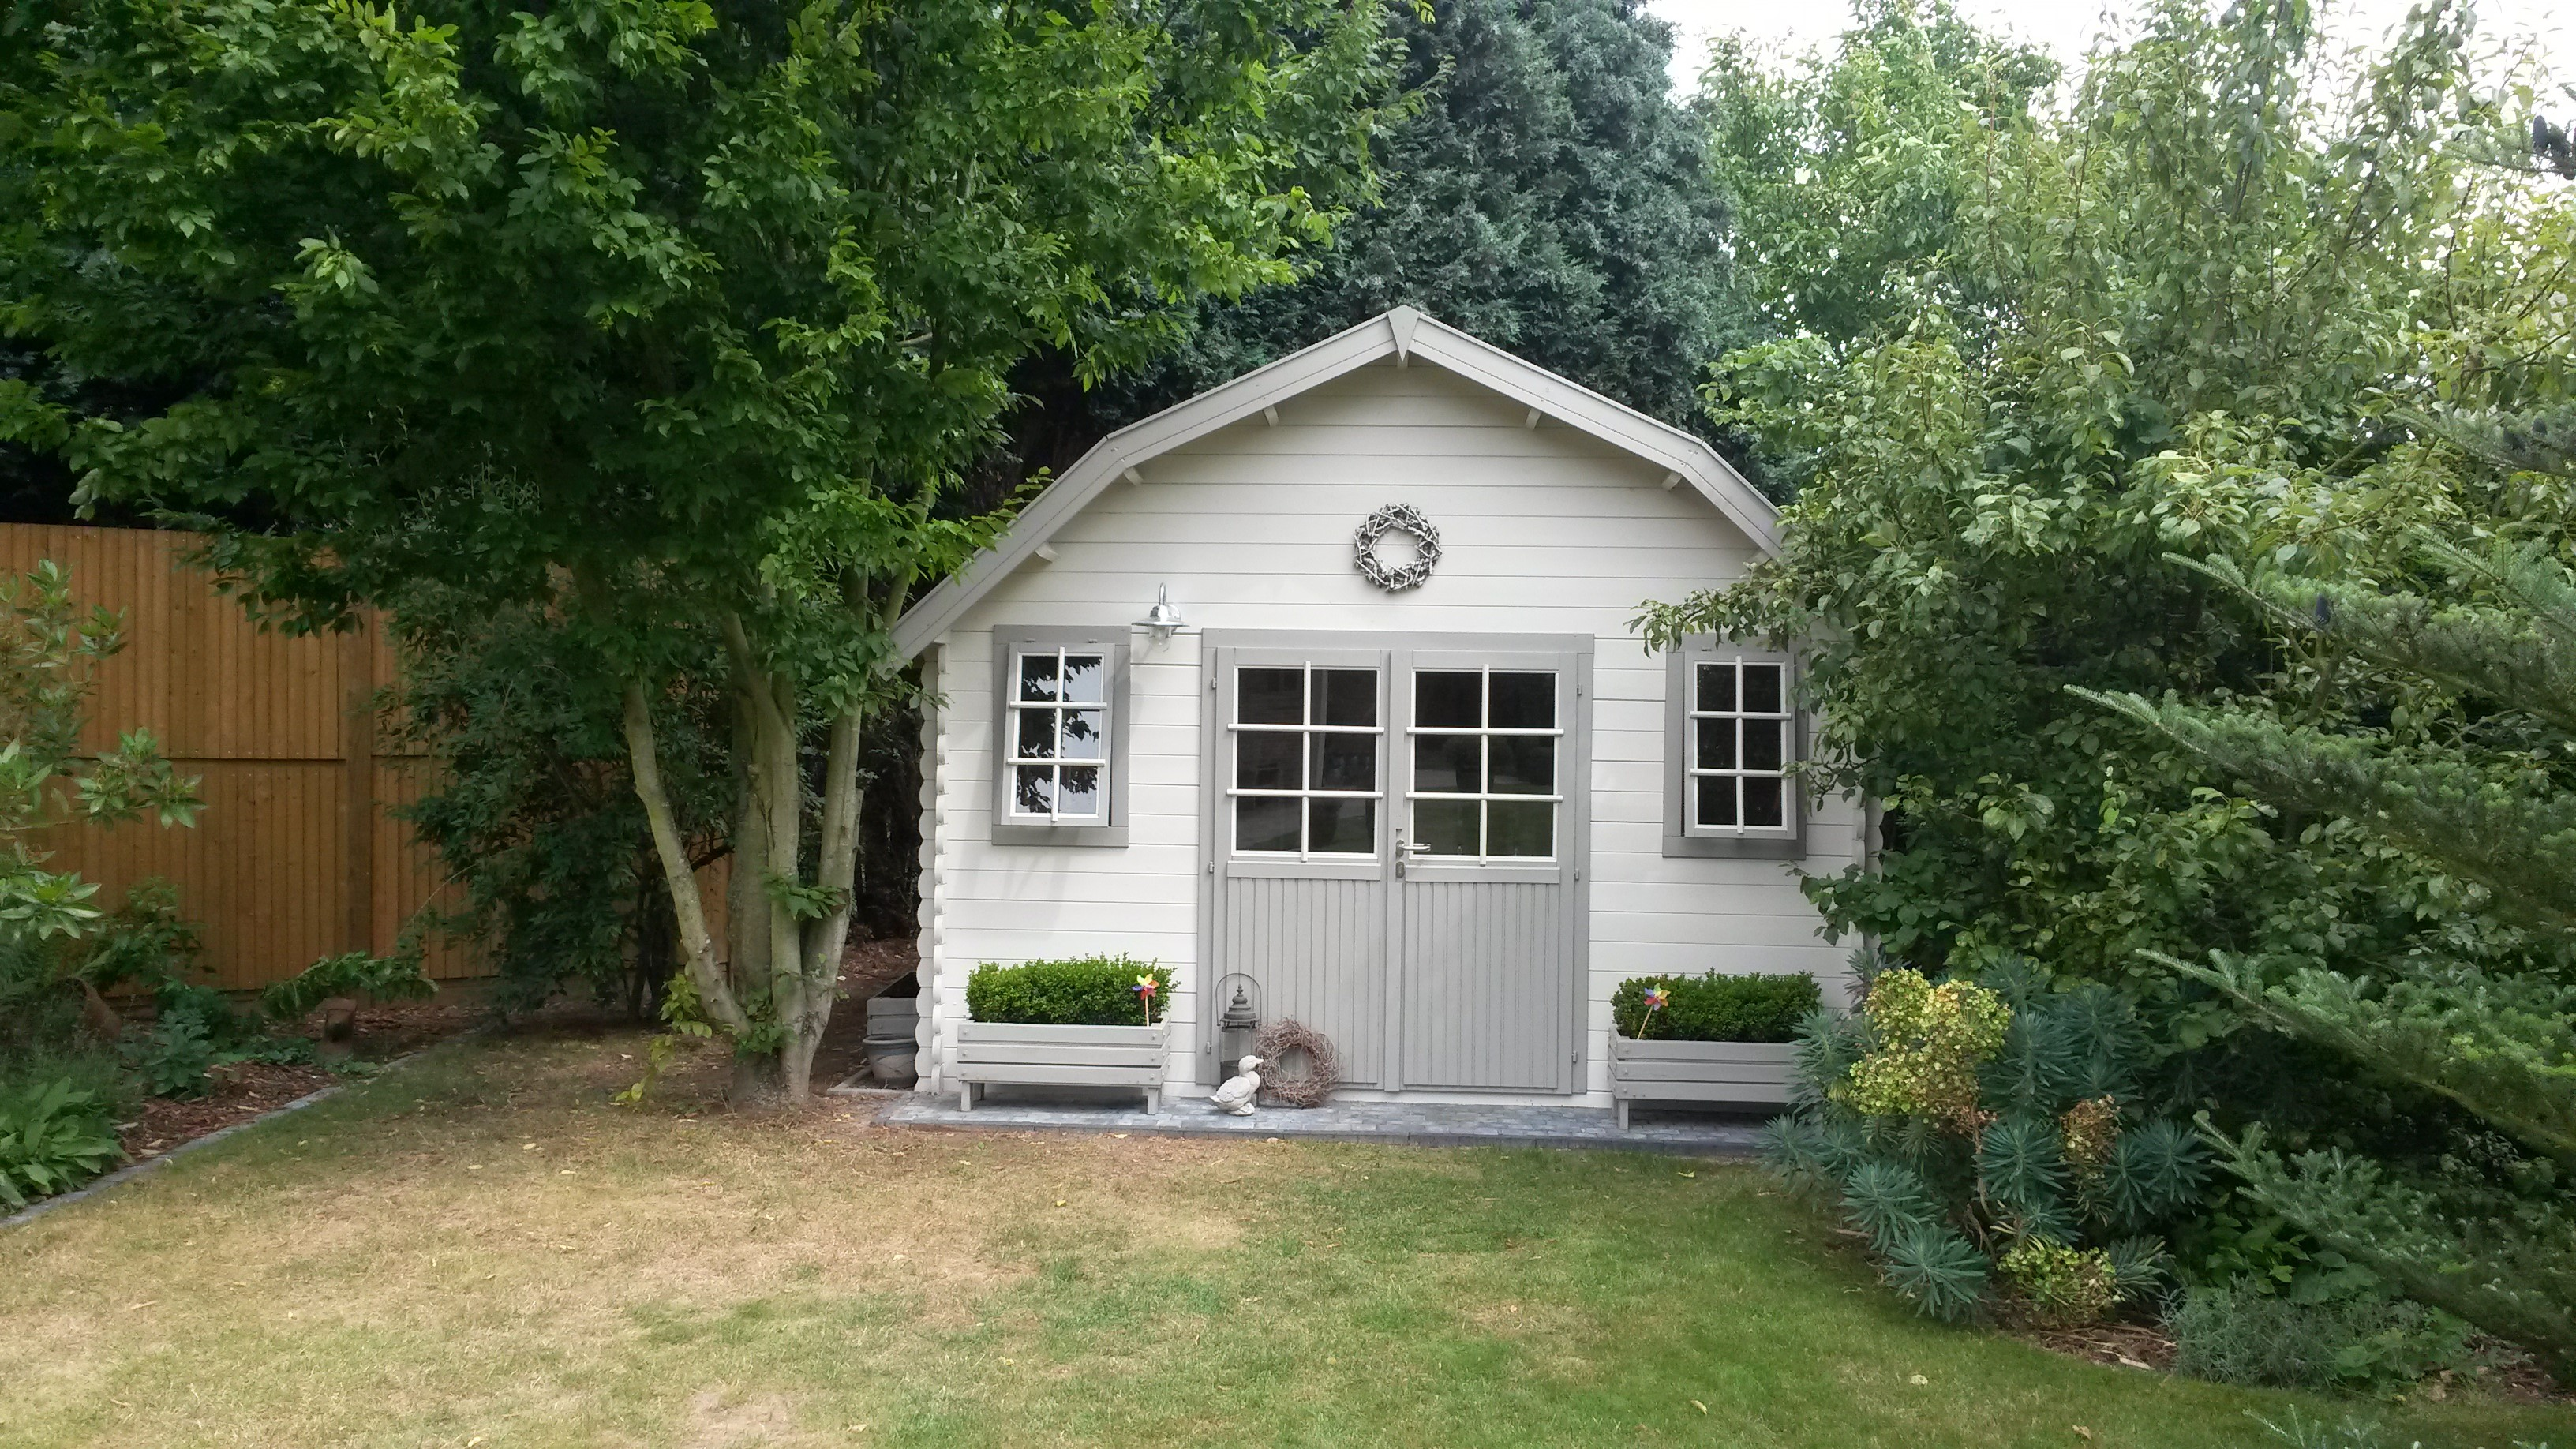 comment mettre en valeur un abri de jardin blog chalet center. Black Bedroom Furniture Sets. Home Design Ideas